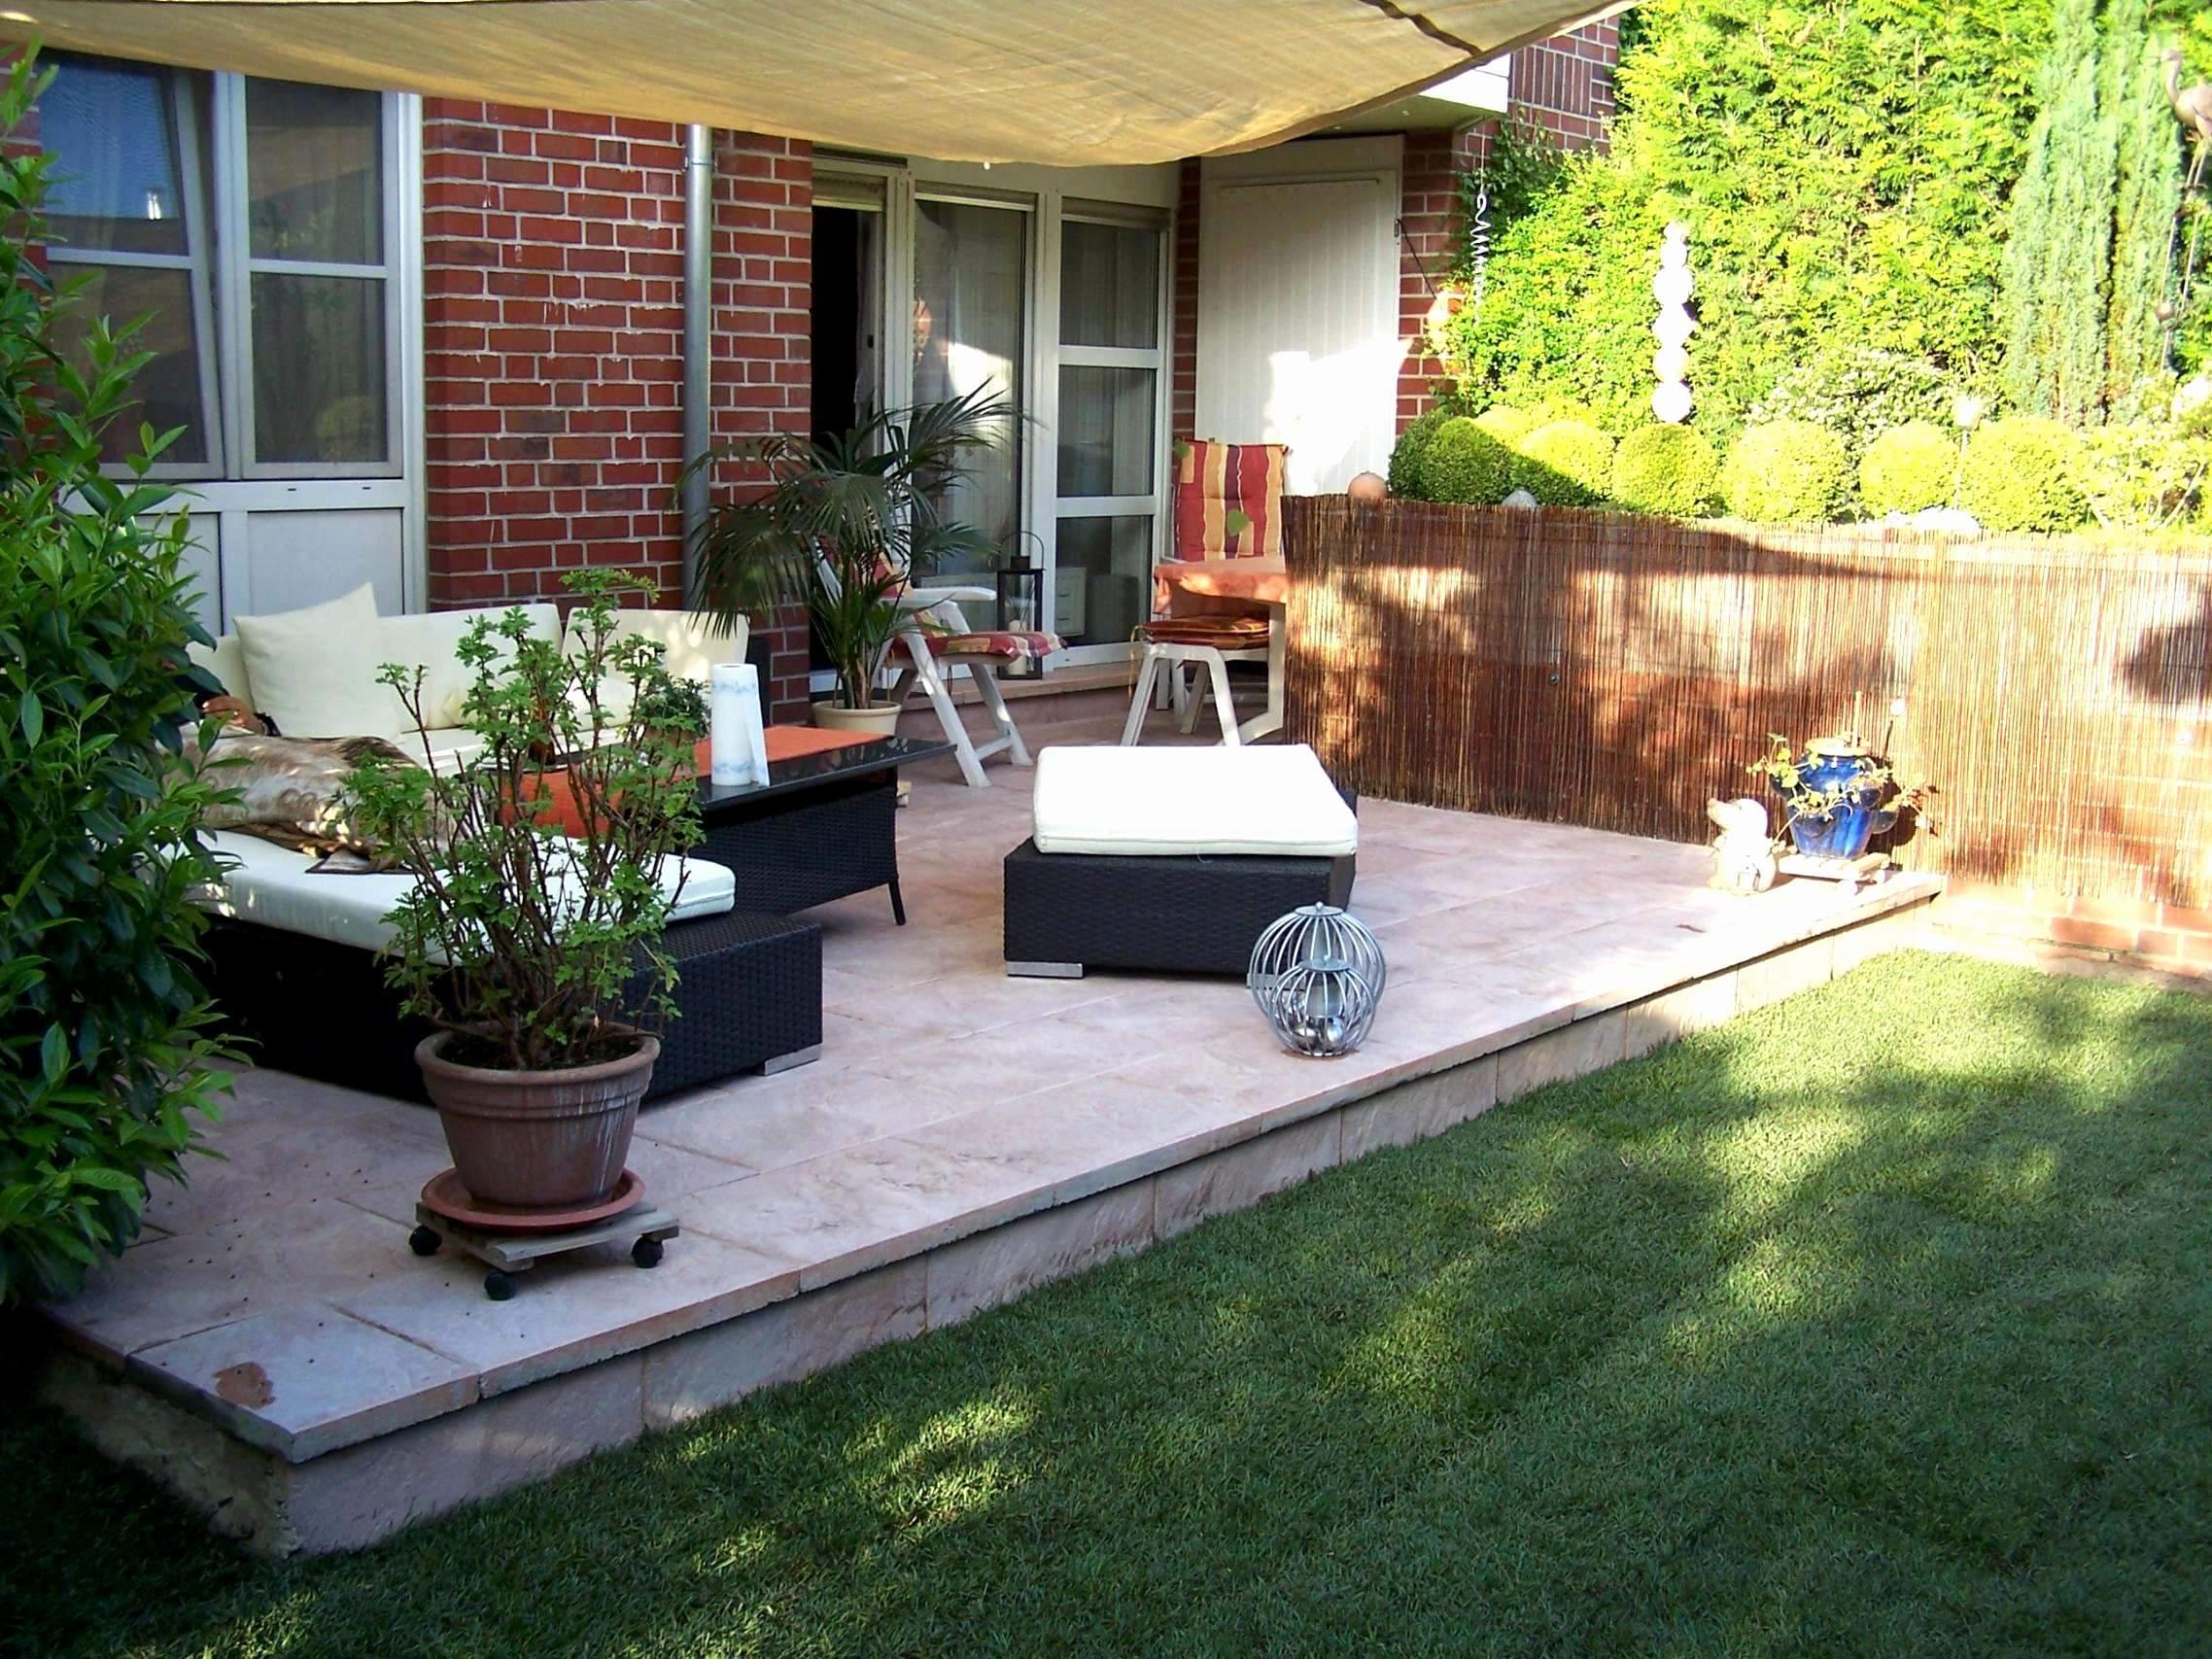 Kleinen Garten Gestalten Elegant Terrasse Anlegen Ideen Neu Pool Anlegen Garten Swimmingpool